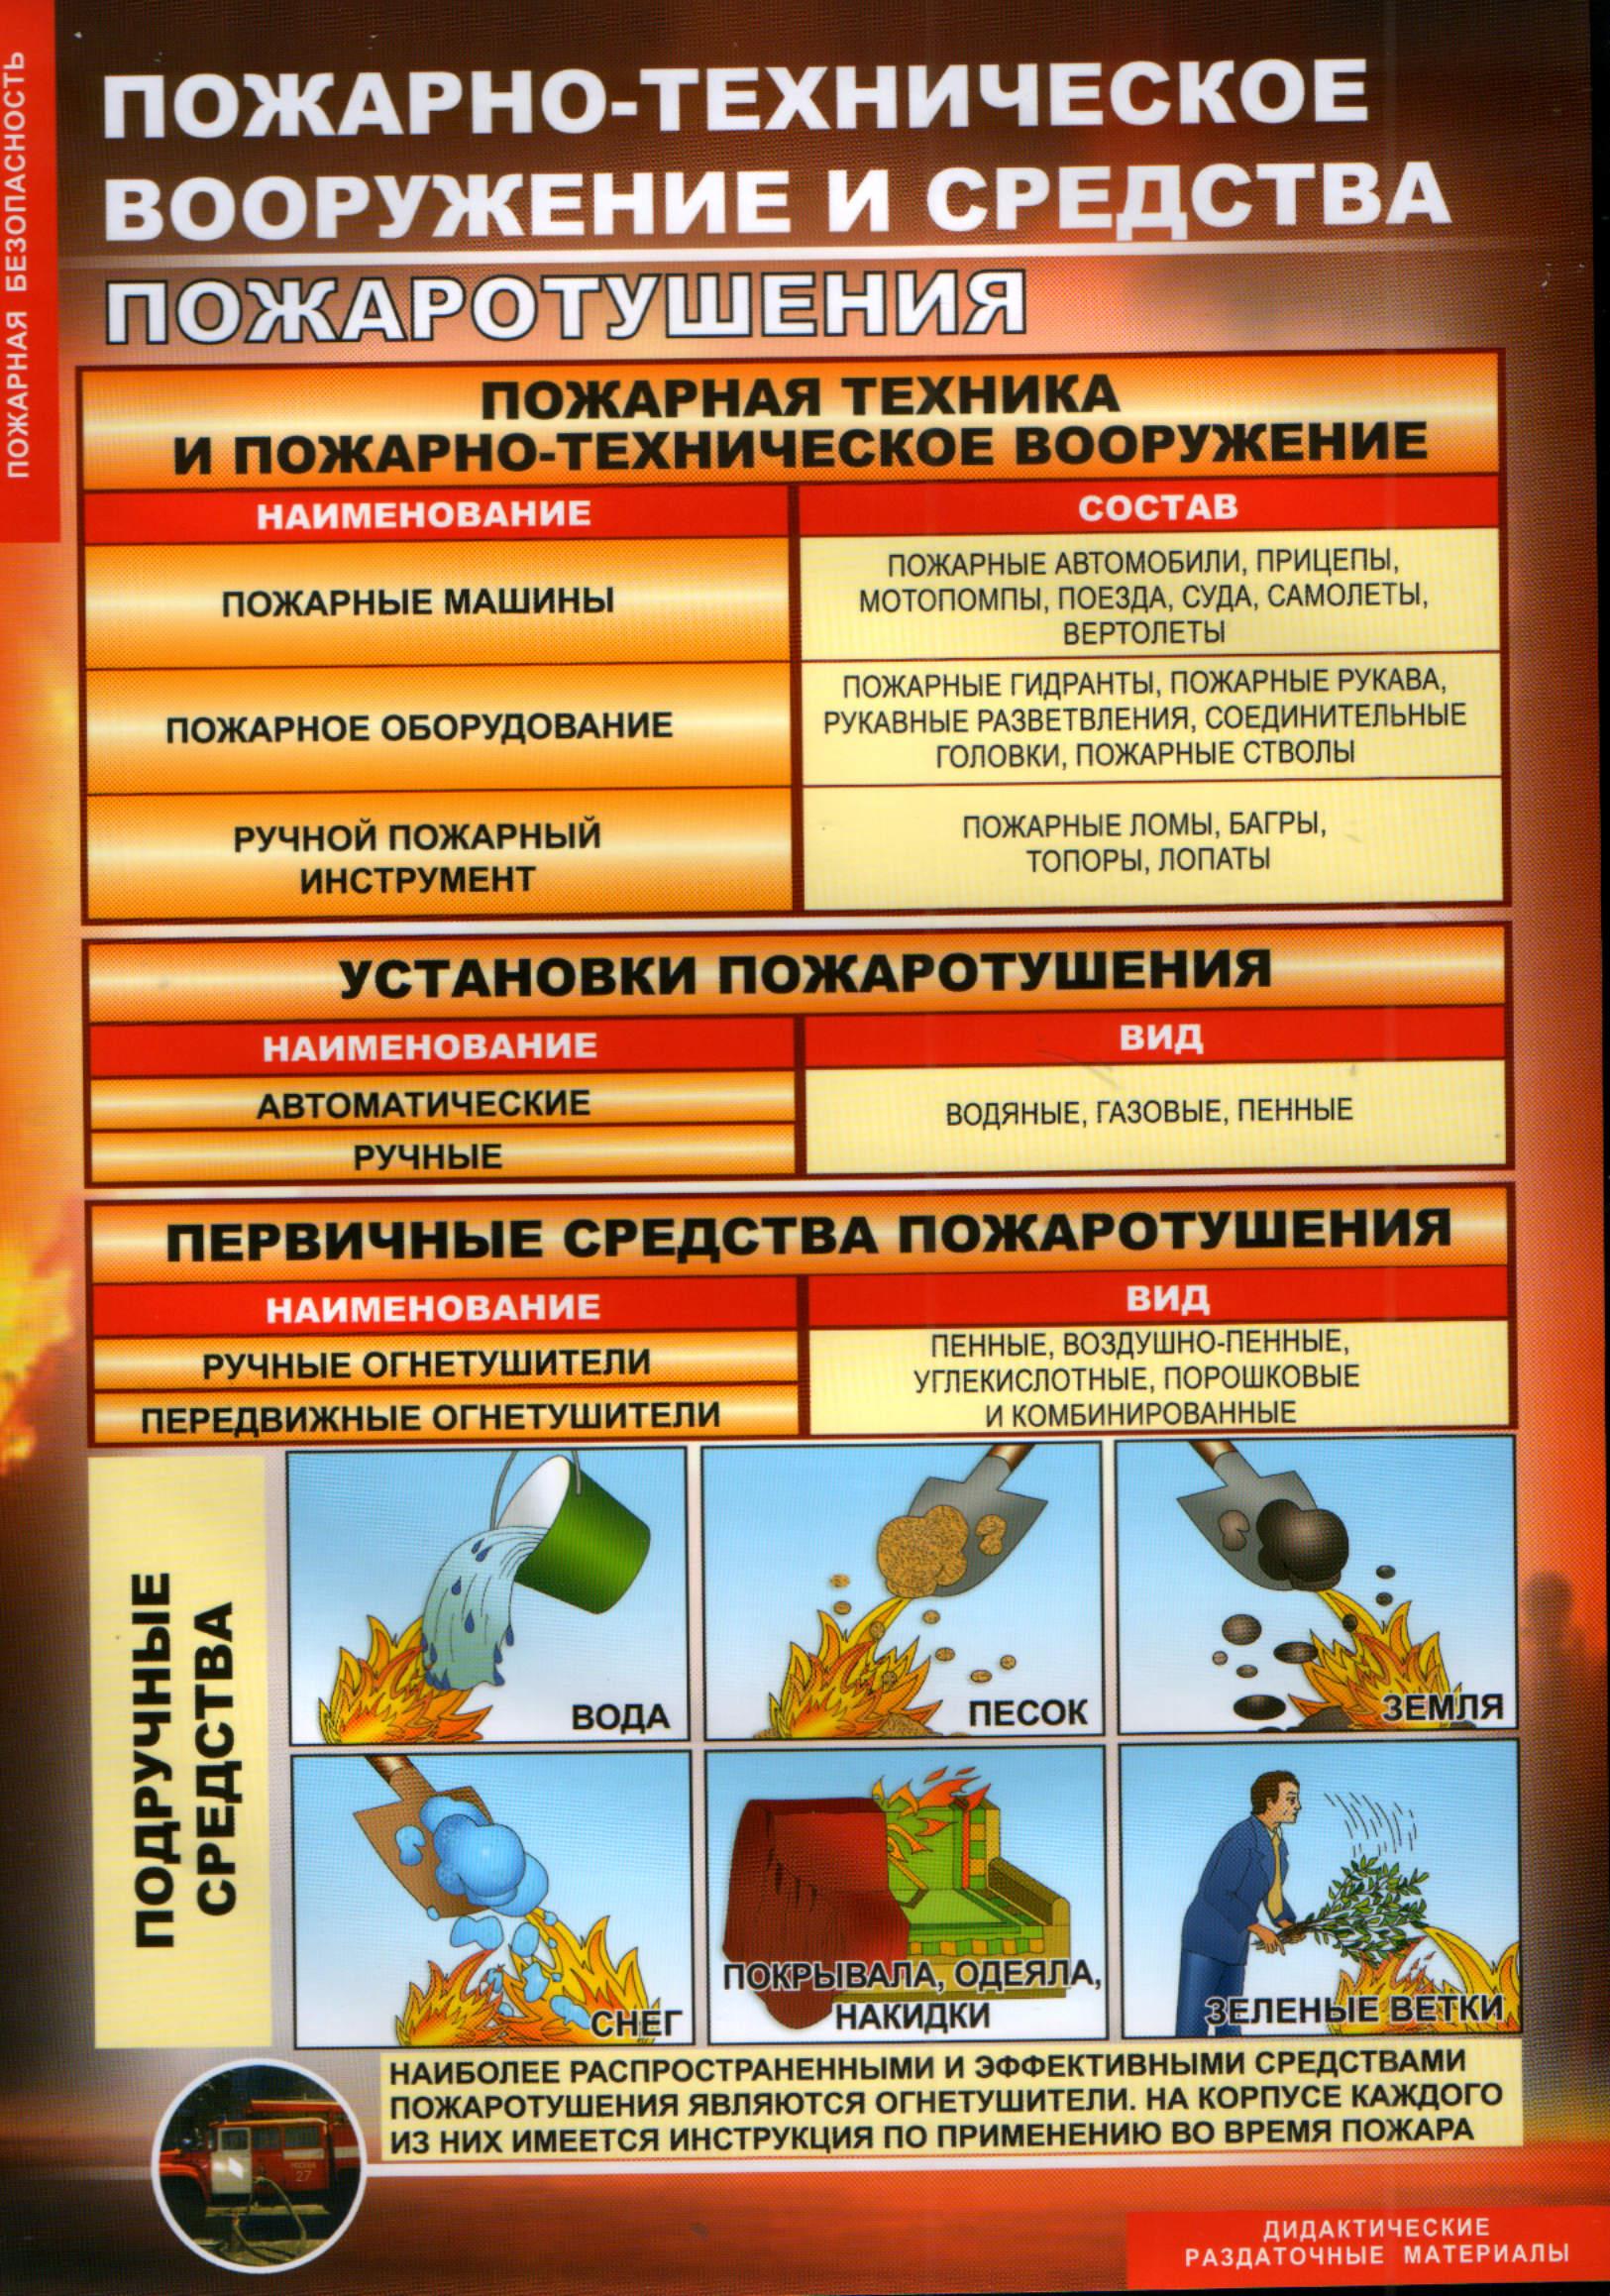 Инструкция По Охране Зданий Жилых Помещений